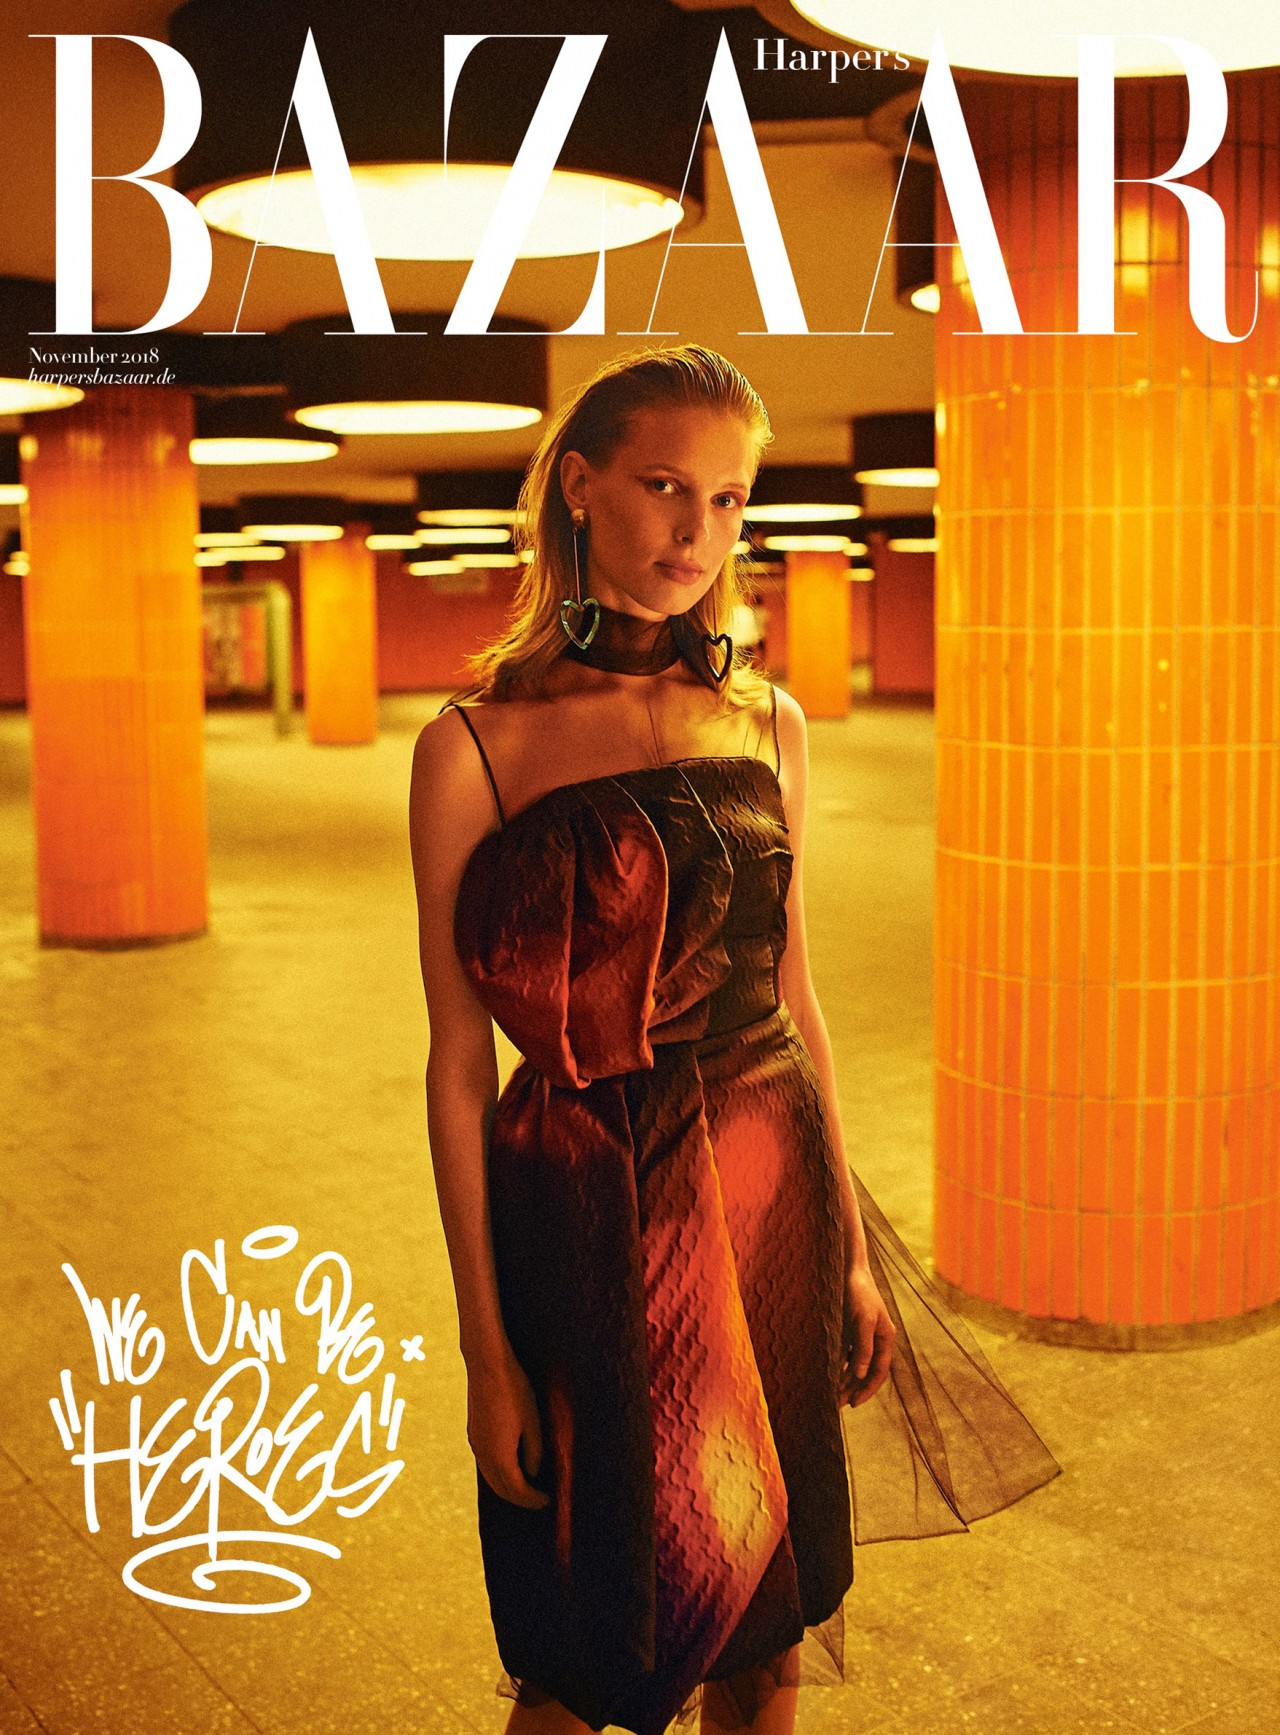 STELLA VON SENGER – HAIR & MAKE-UP ARTIST Harper's Bazaar Cover 11/2018